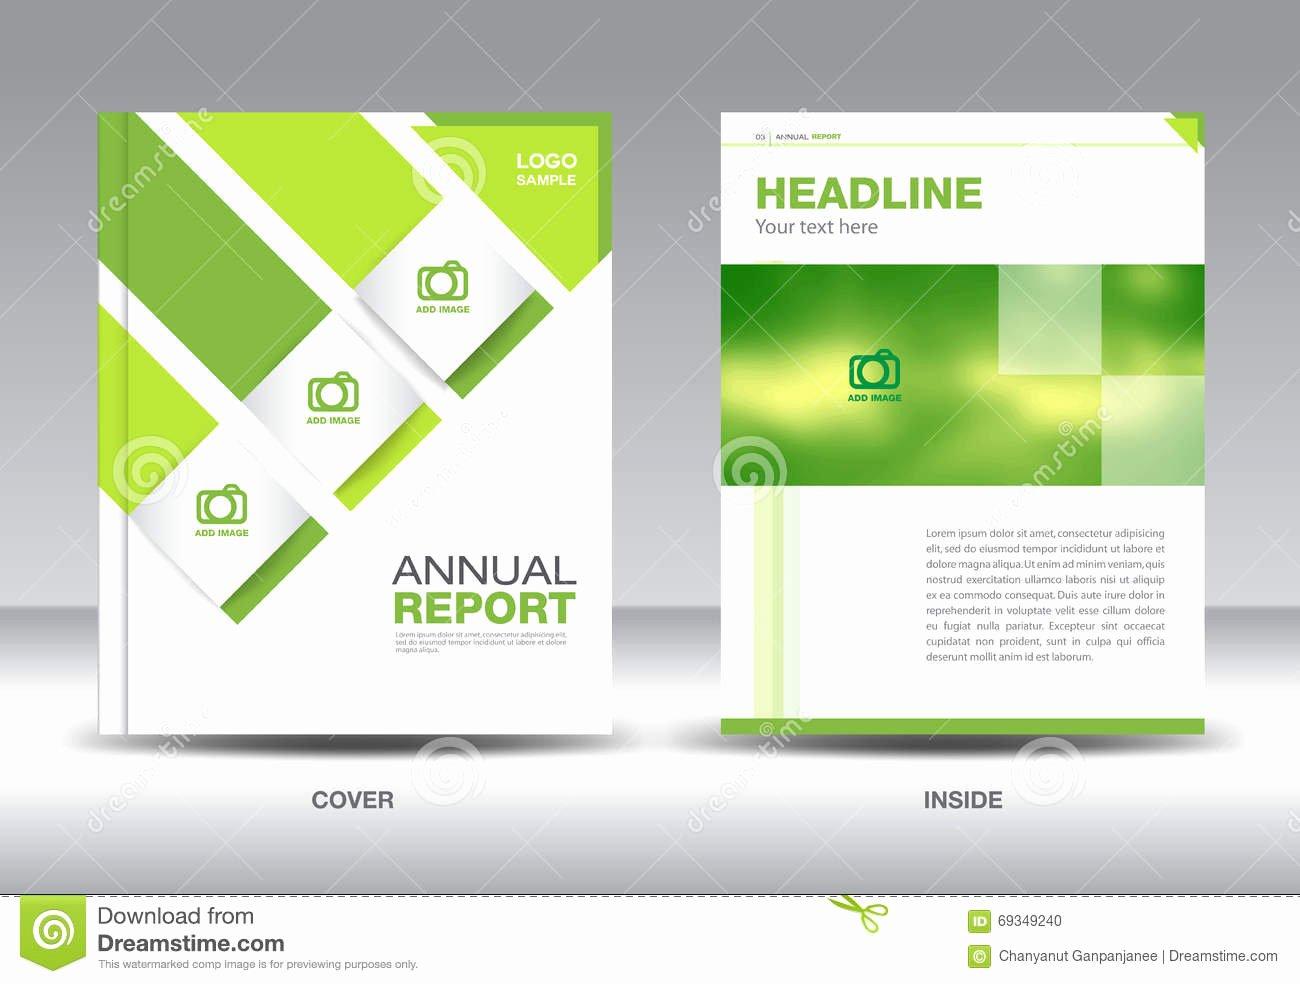 Annual Report Design Template Unique Green Annual Report Layout Template Brochure Flyer Green